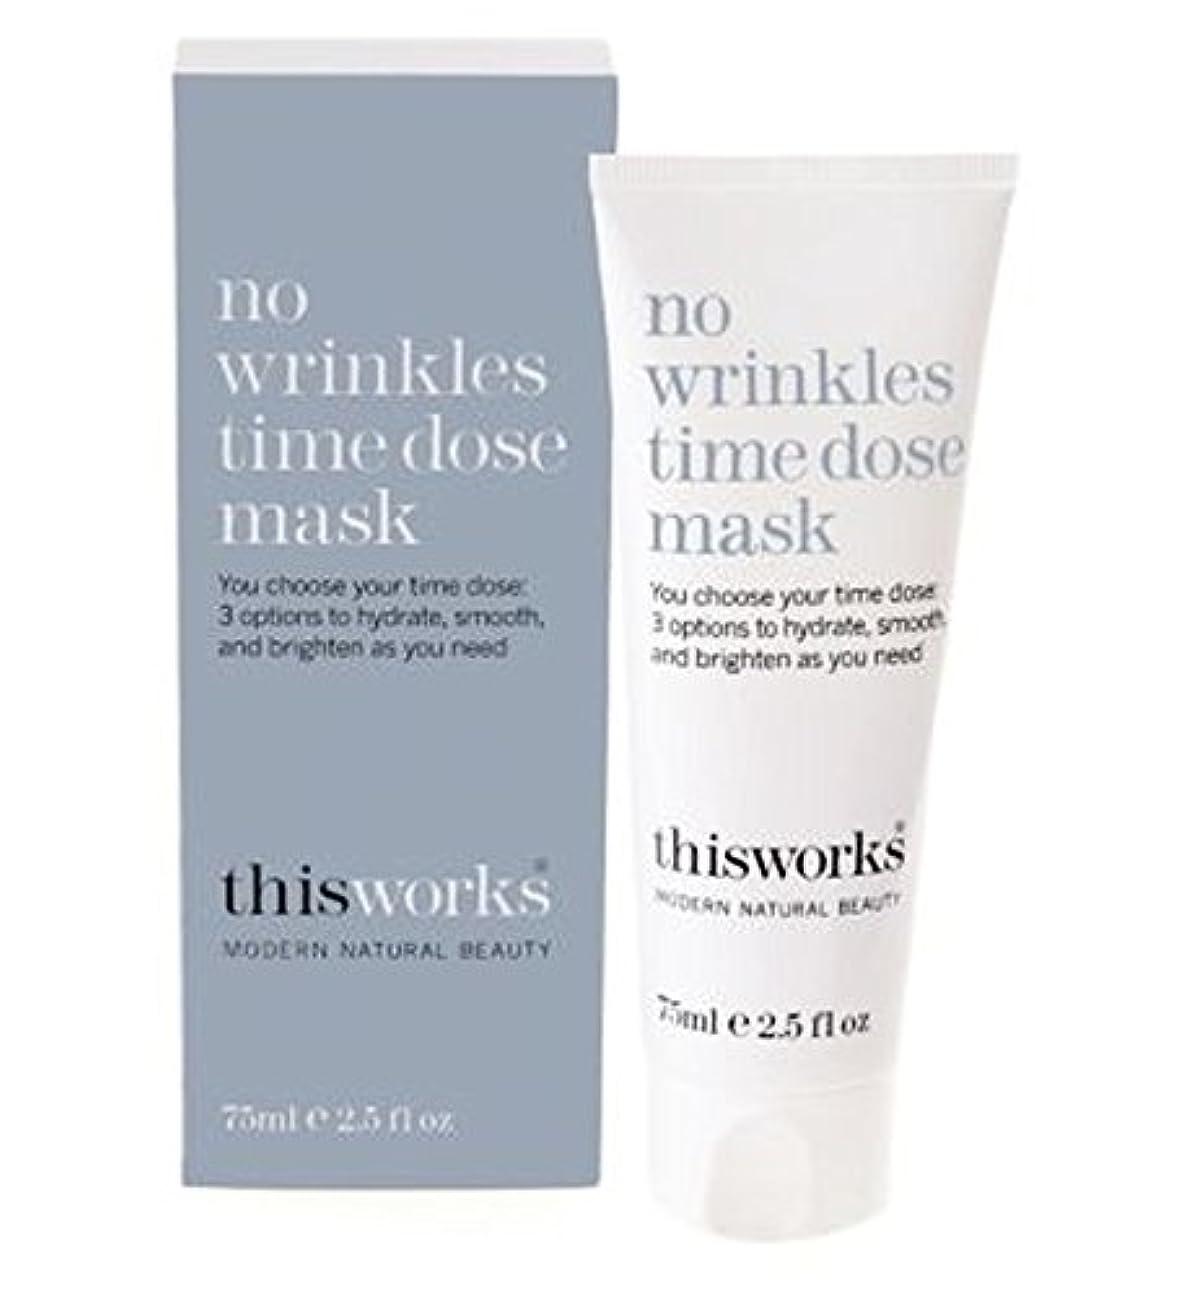 登場こするトチの実の木This Works No Wrinkles Time Dose Mask 75ml - これにはしわ時間線量マスクの75ミリリットルの作品はありません (This Works) [並行輸入品]